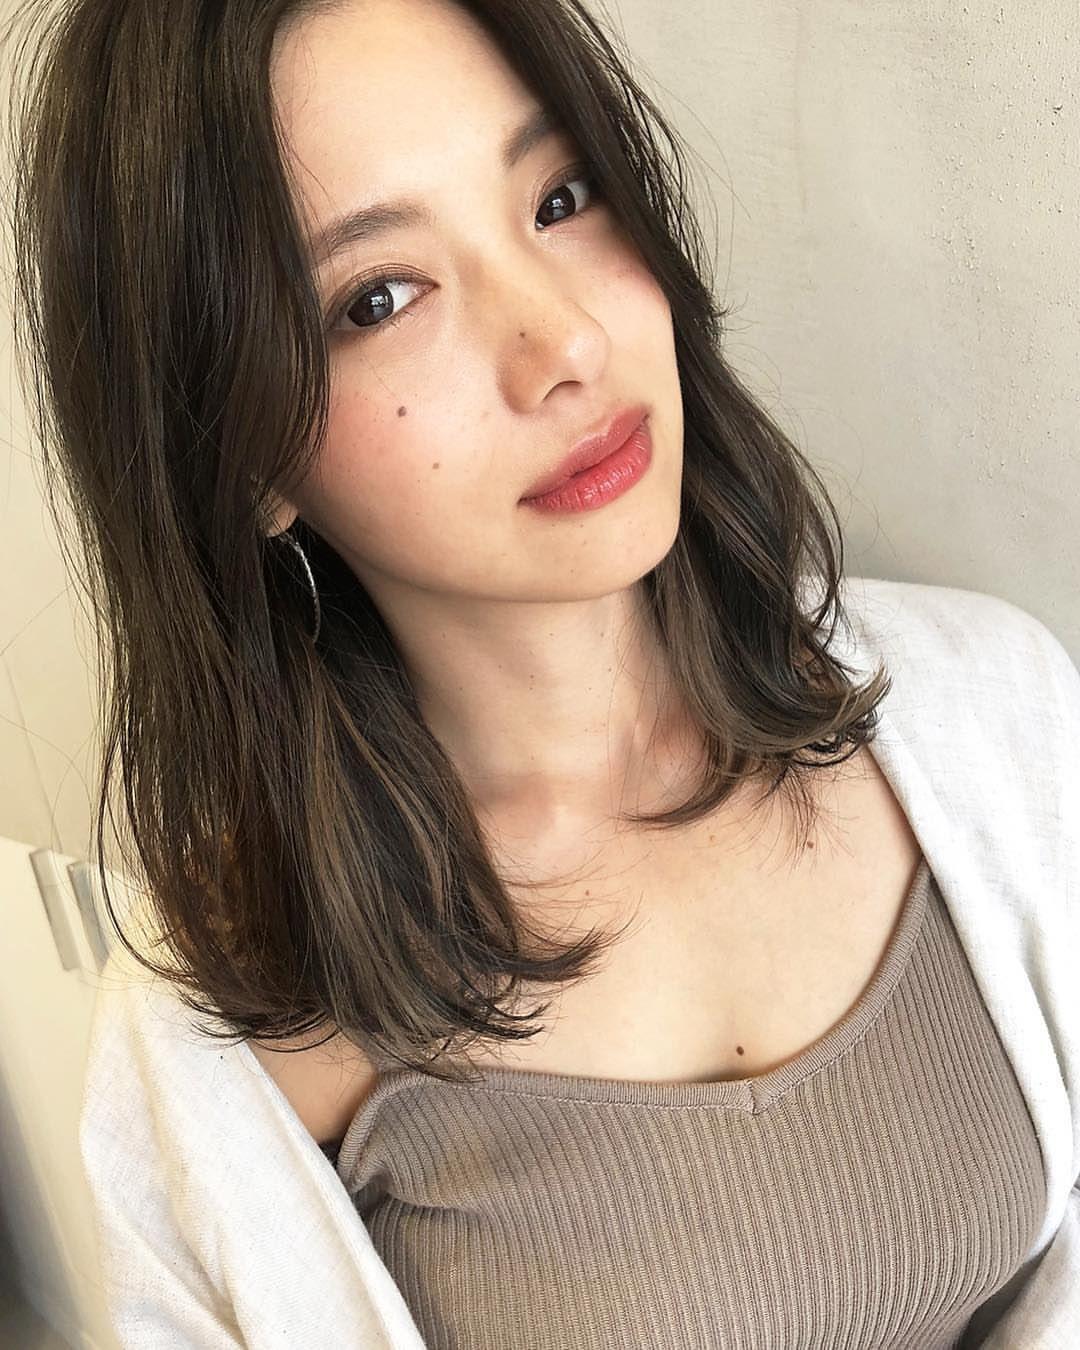 可愛い女の子 25